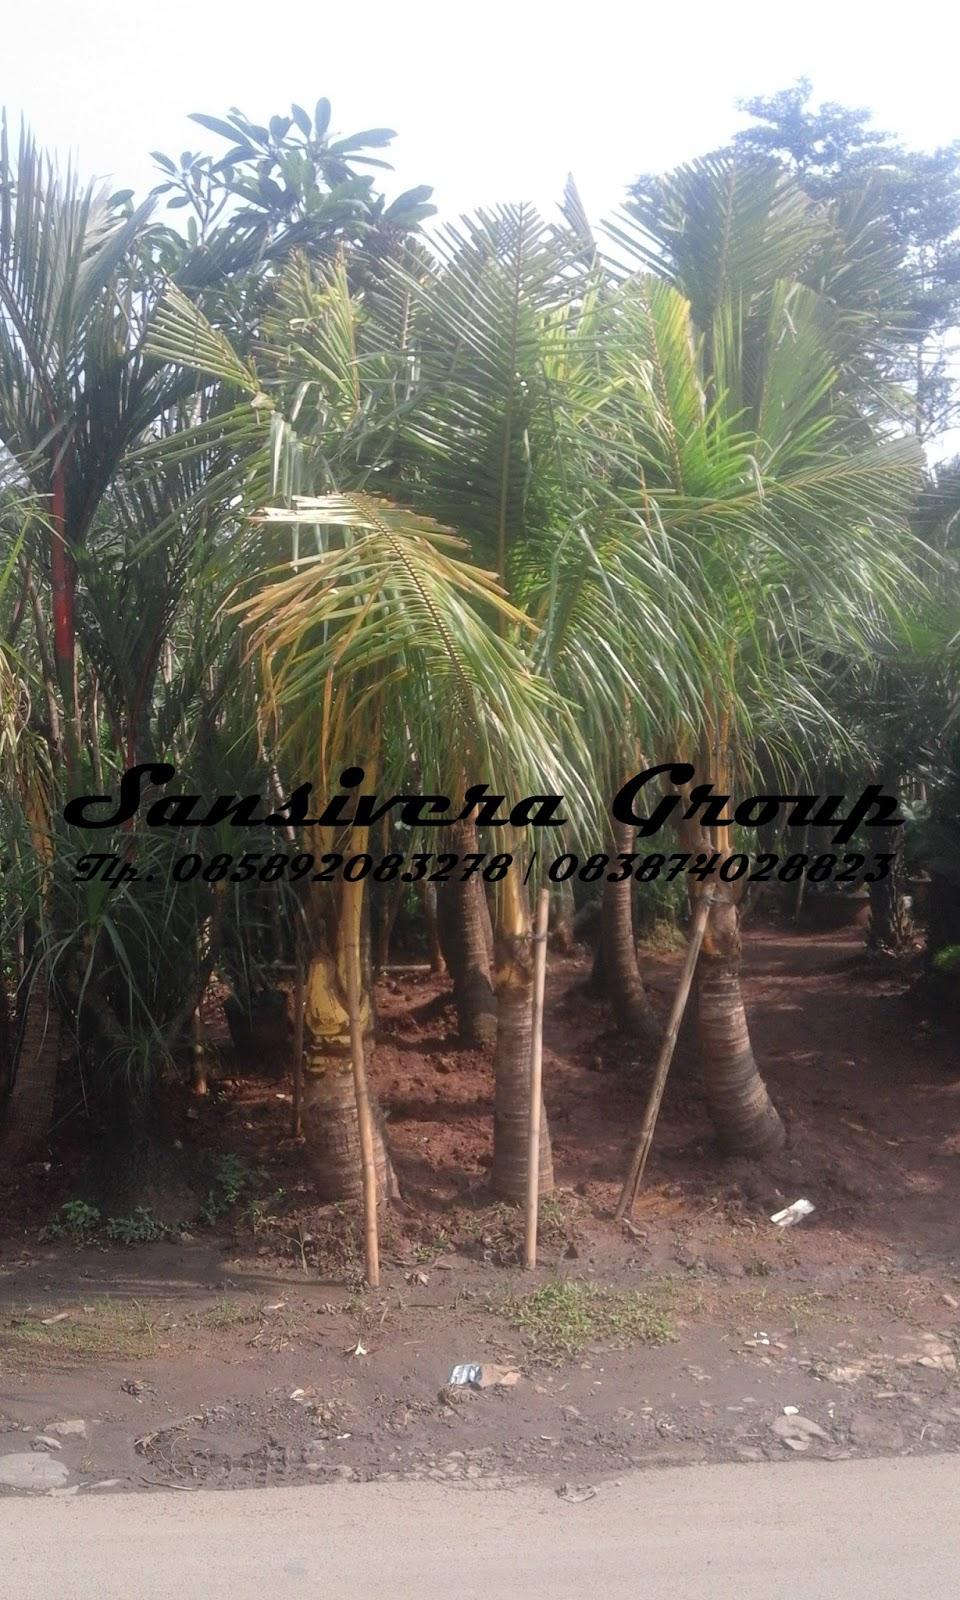 Jual pohon kelapa kuning  Khasiat Tanaman kelapa kuning